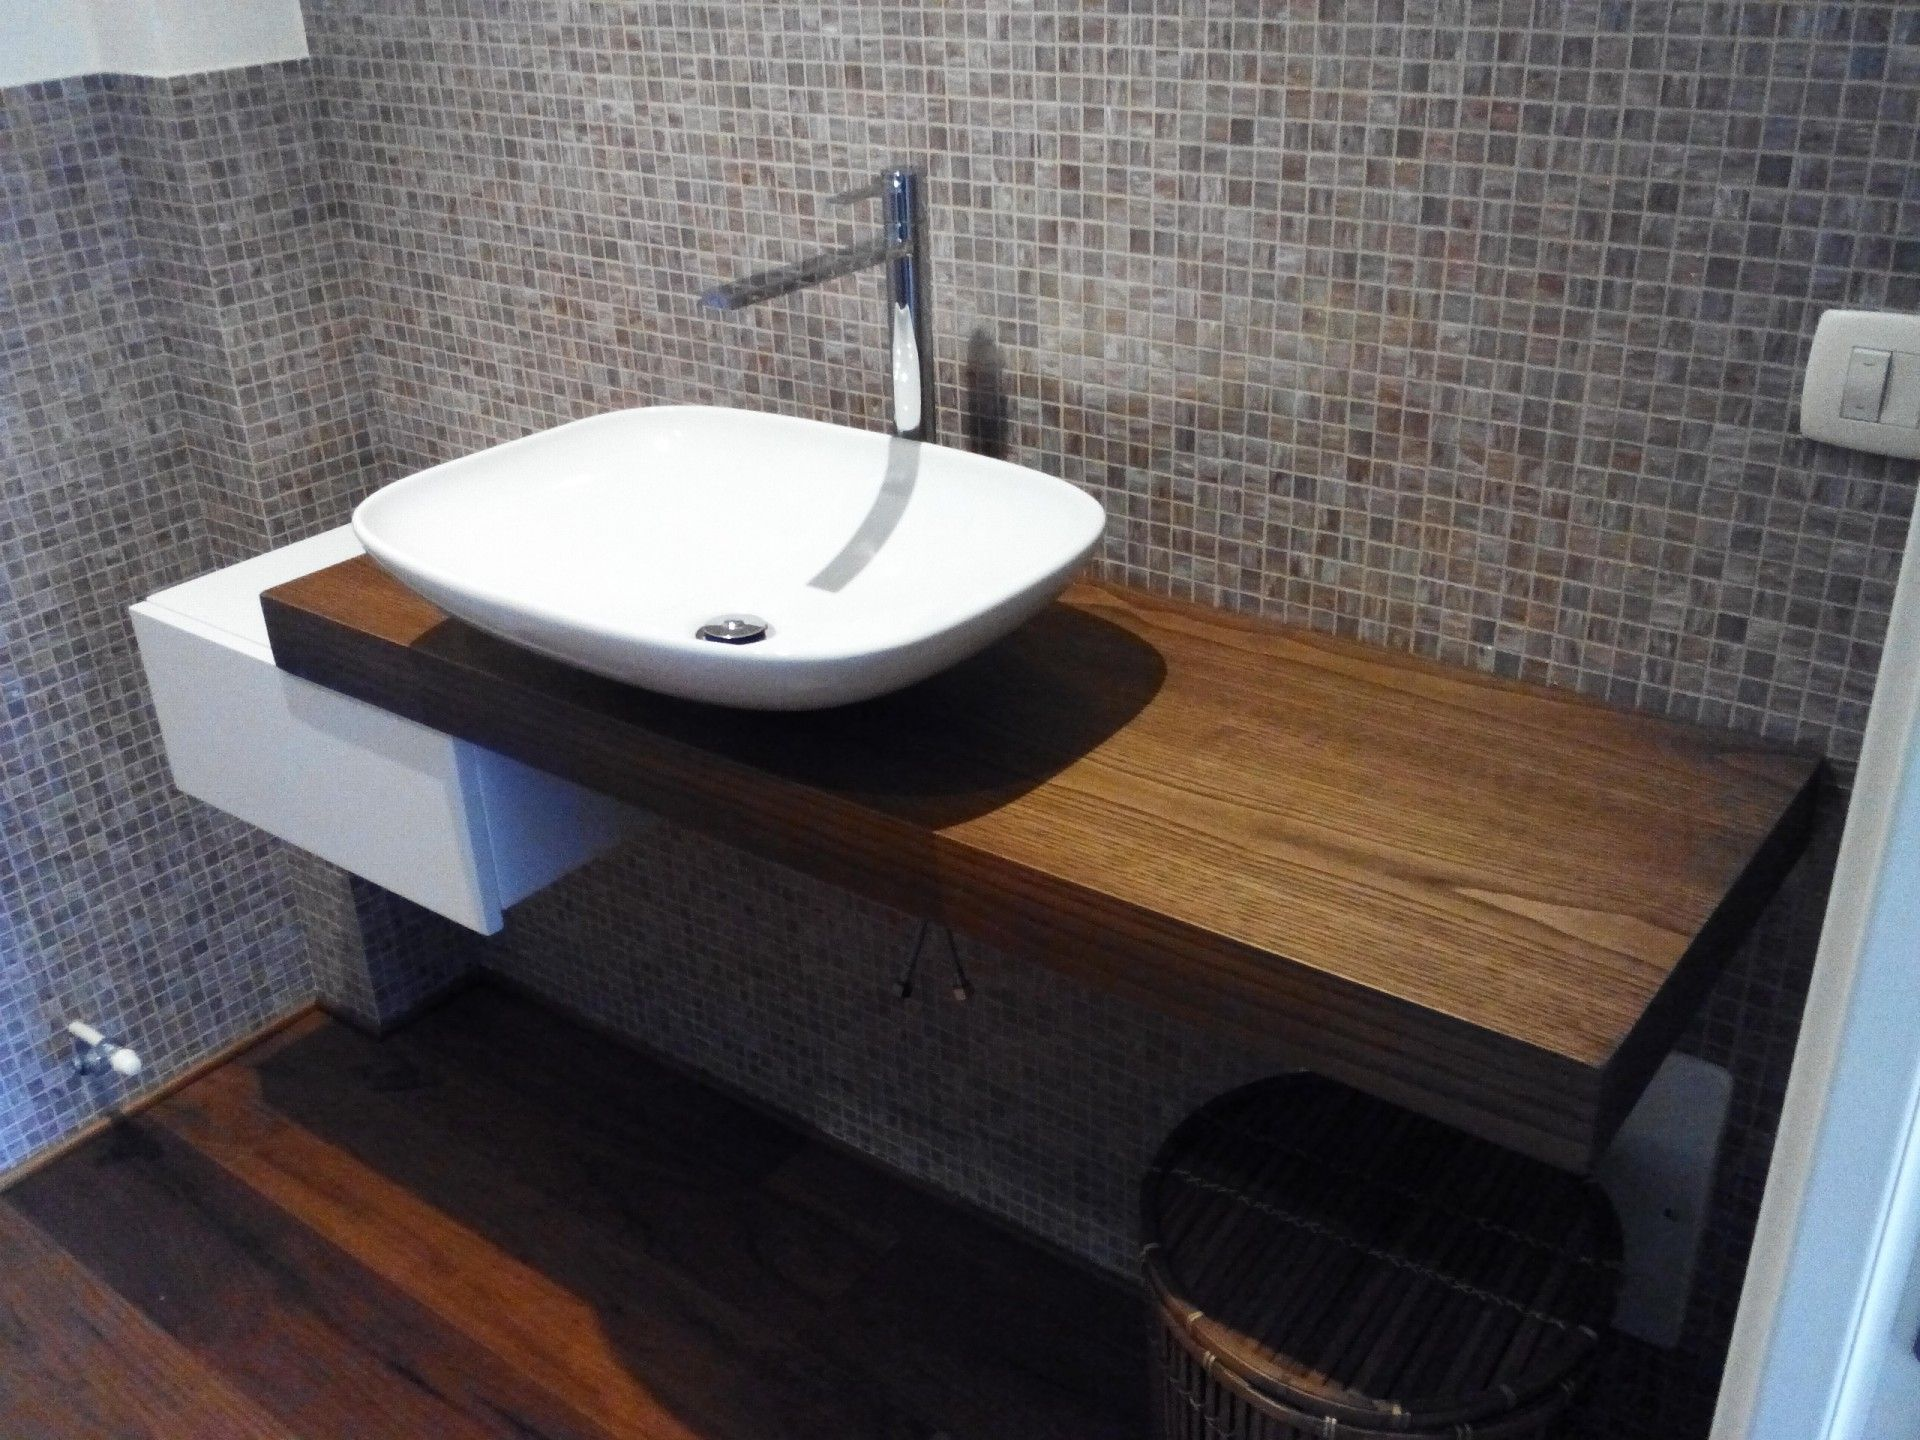 Mobili Su Misura Bagno : Mobili bagno in legno su misura a savona casa pinterest interiors